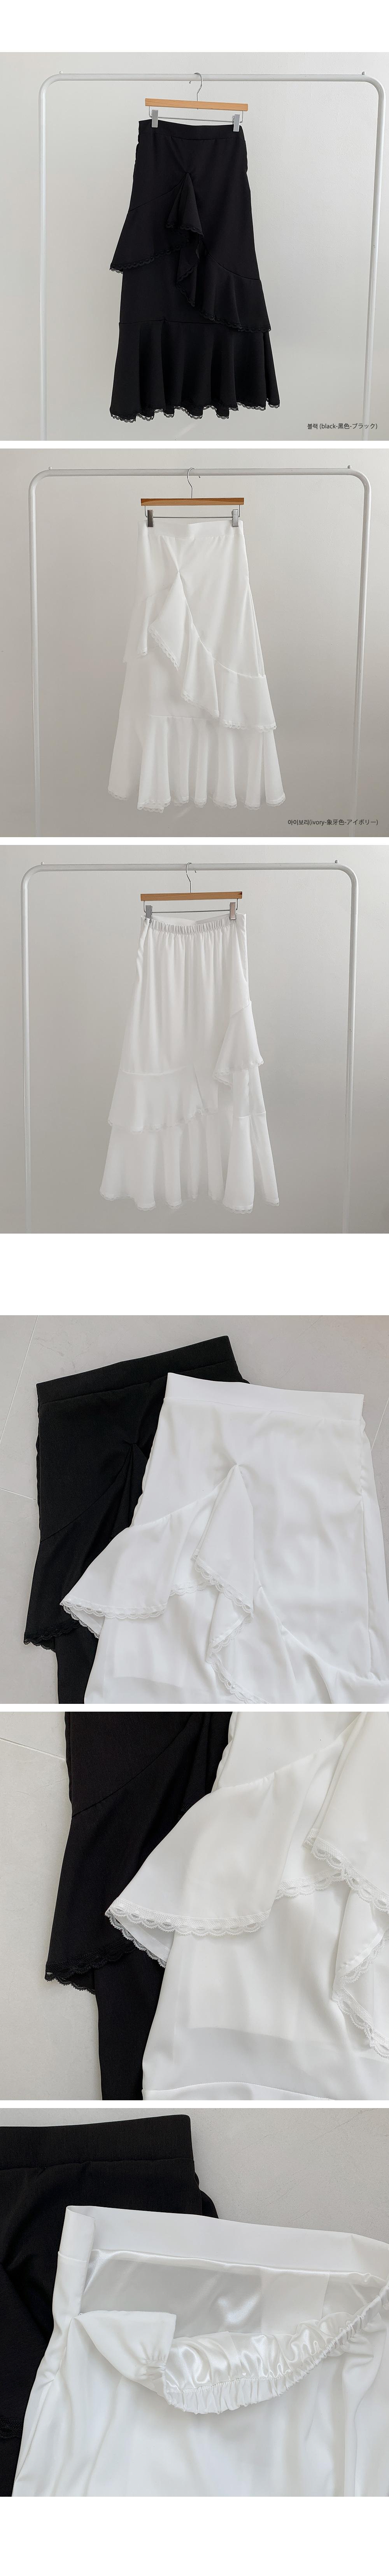 재킷 상품상세 이미지-S2L5